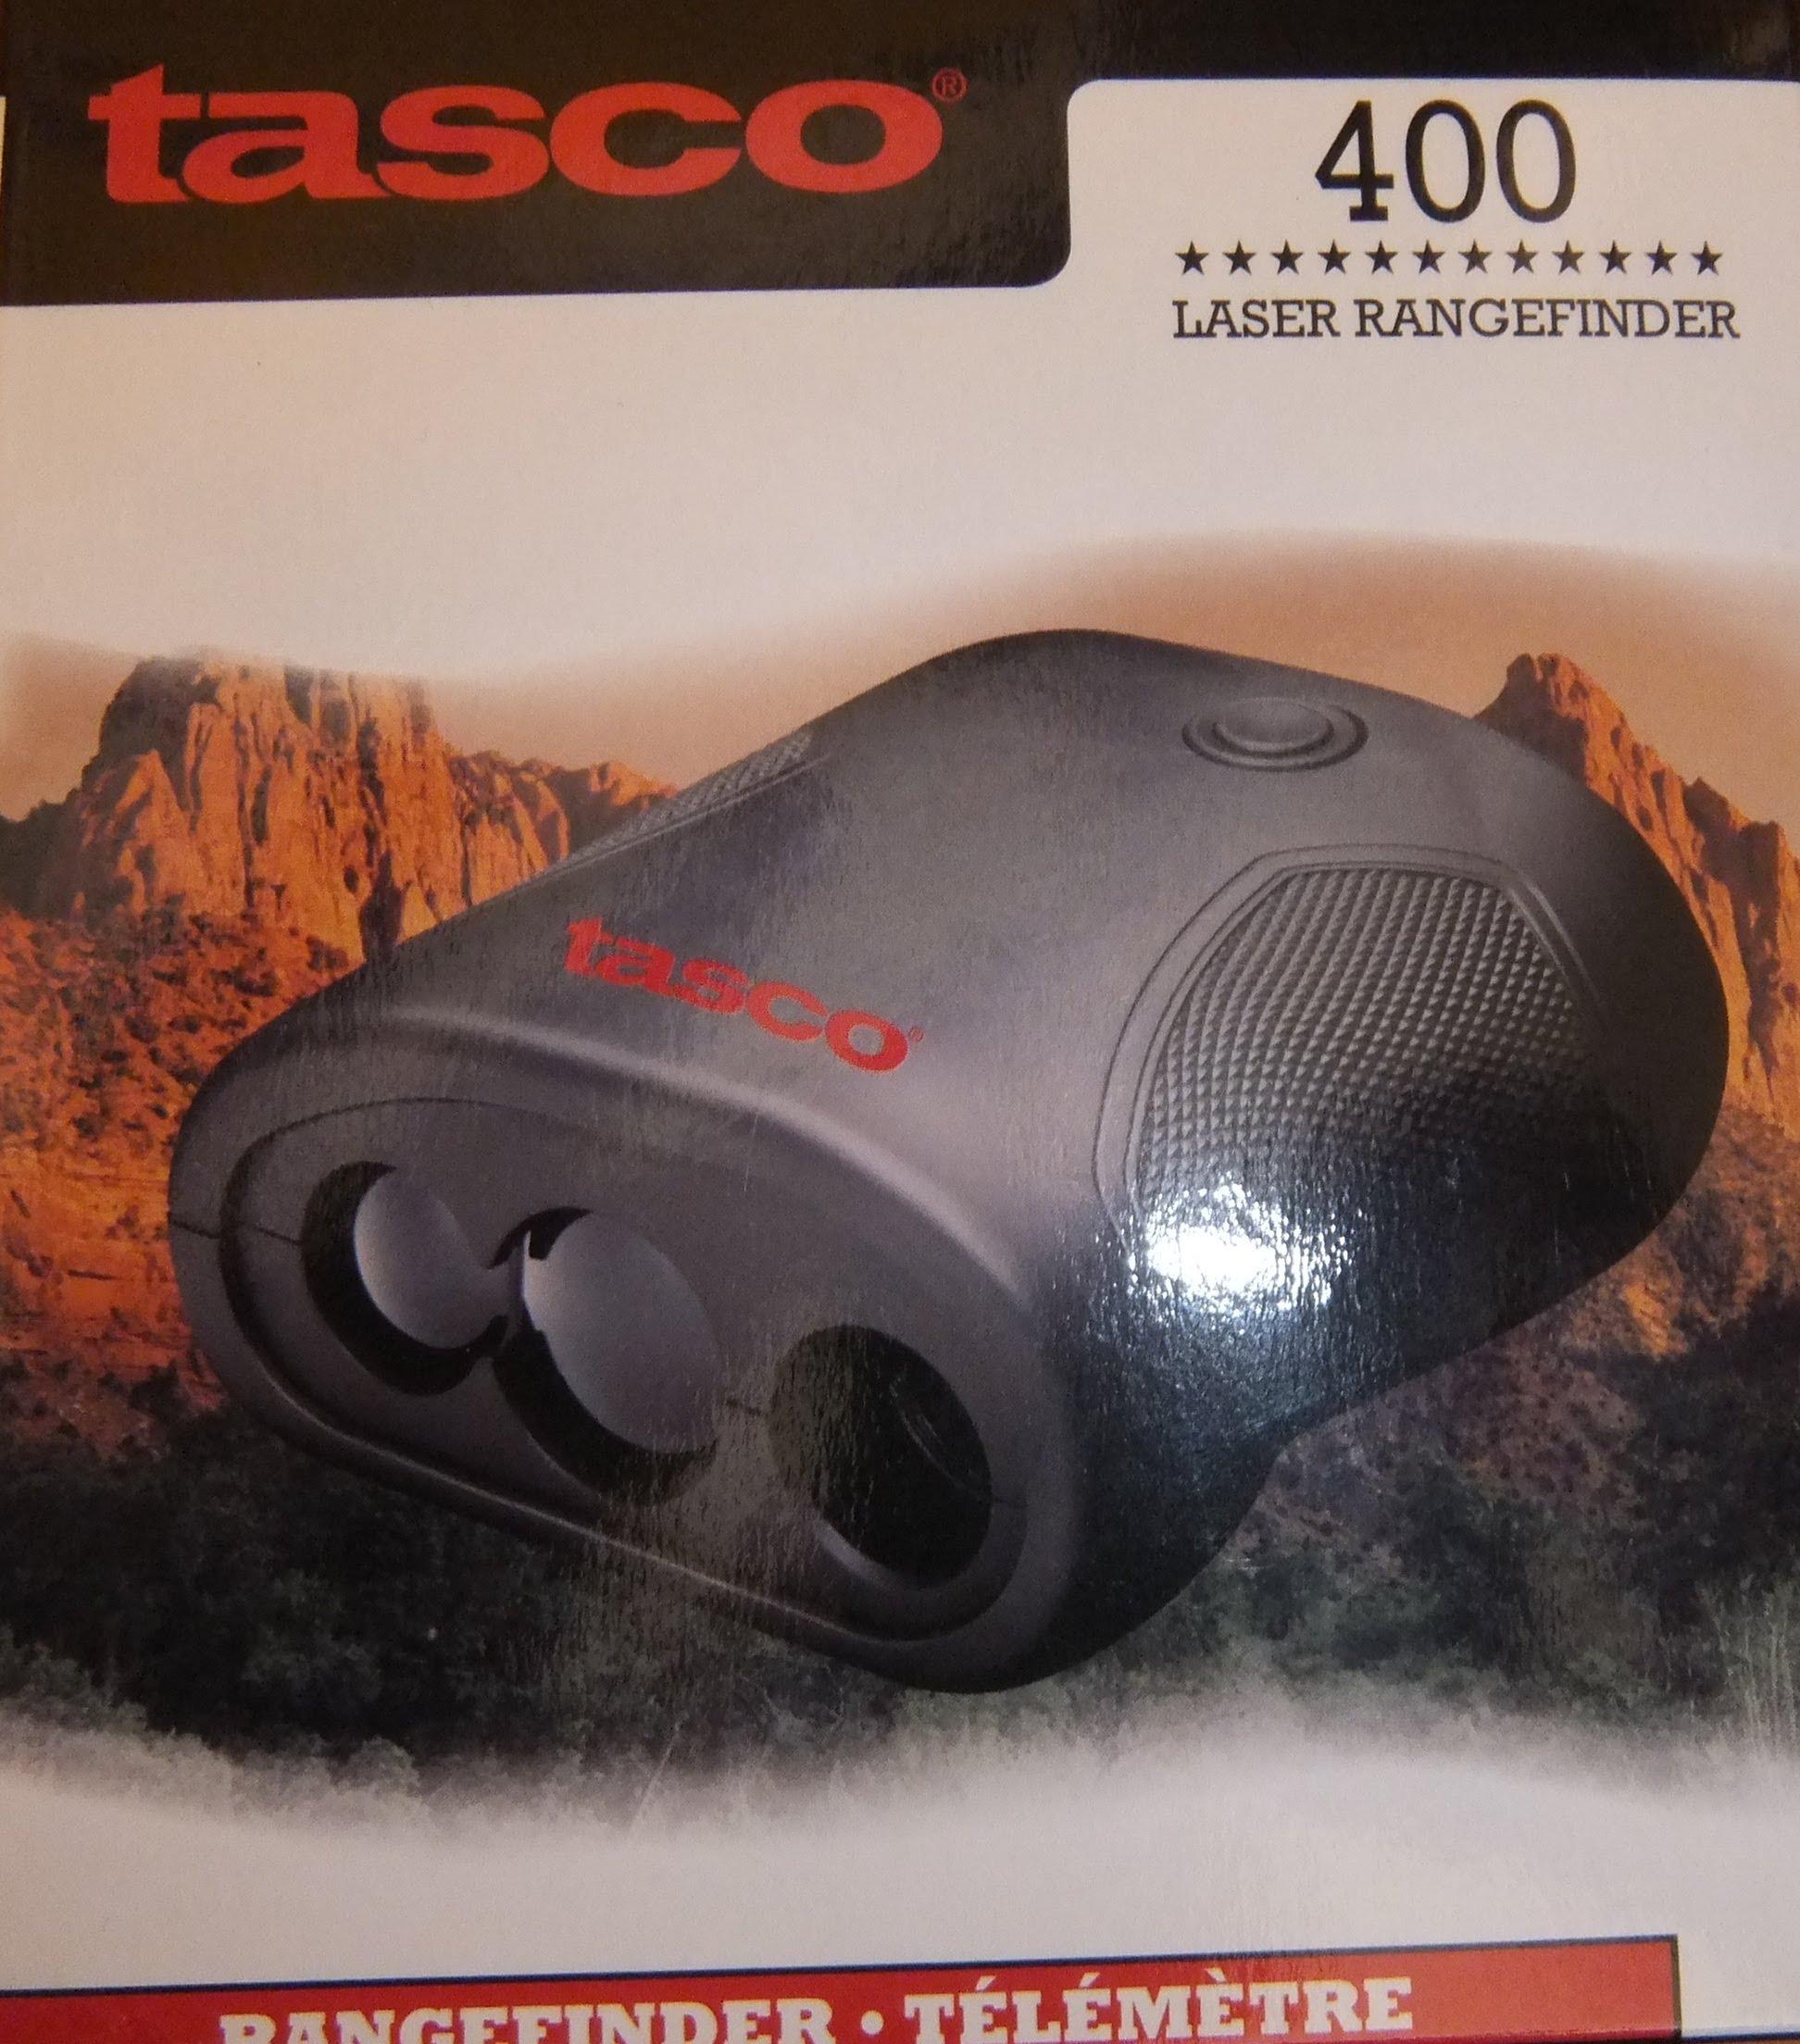 Imagen de la caja de un telémetro Tasco